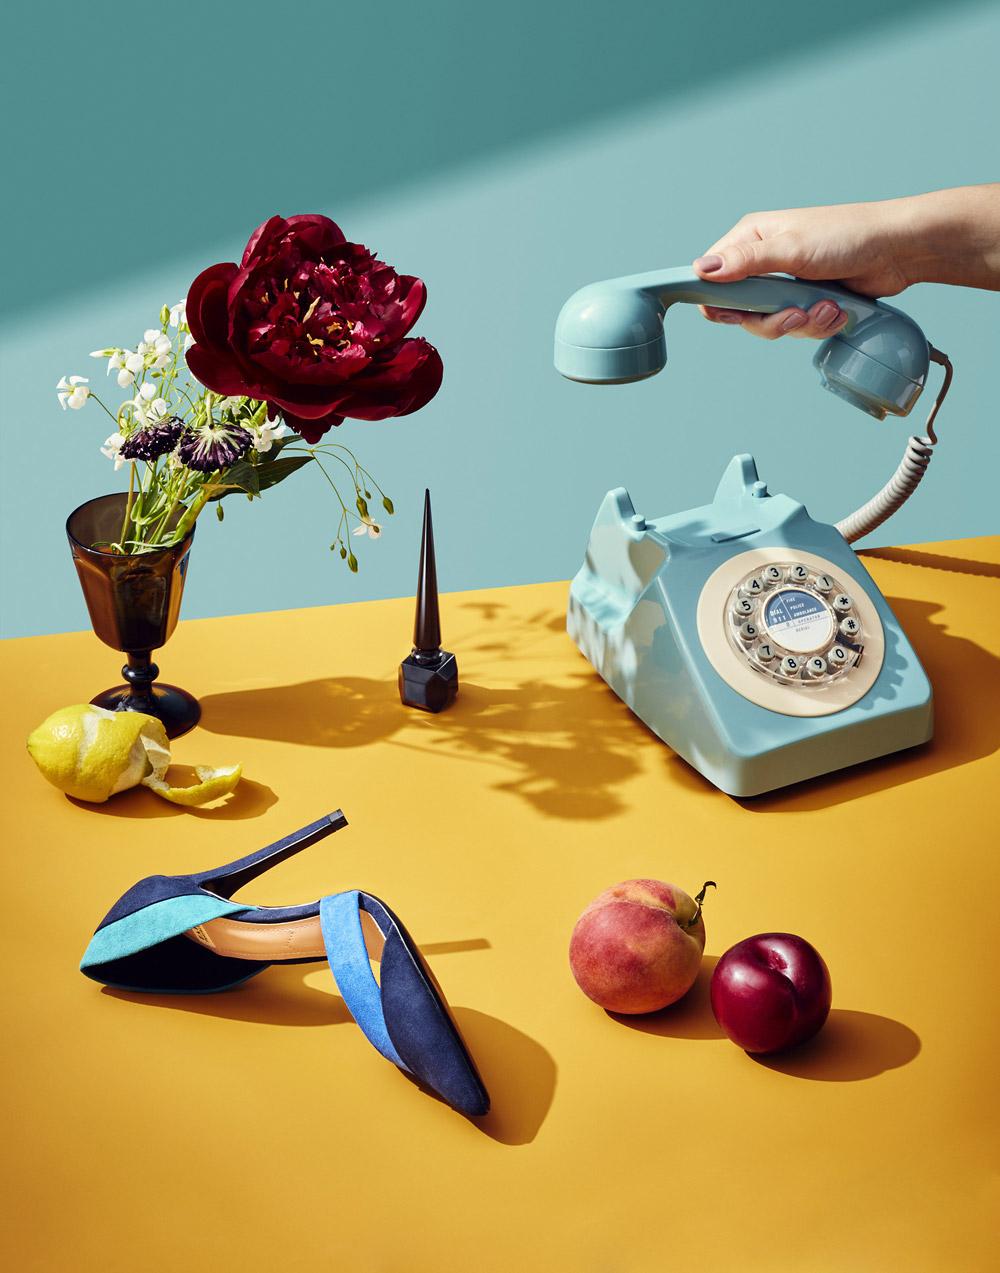 «Без названия», © Вилл Штайер / Will Styer, Бруклин, США, Победитель категории «Коммерческая / Редакционная», Гран-при конкурса, Фотоконкурс натюрморта «Объекты желания» — Objects of Desire